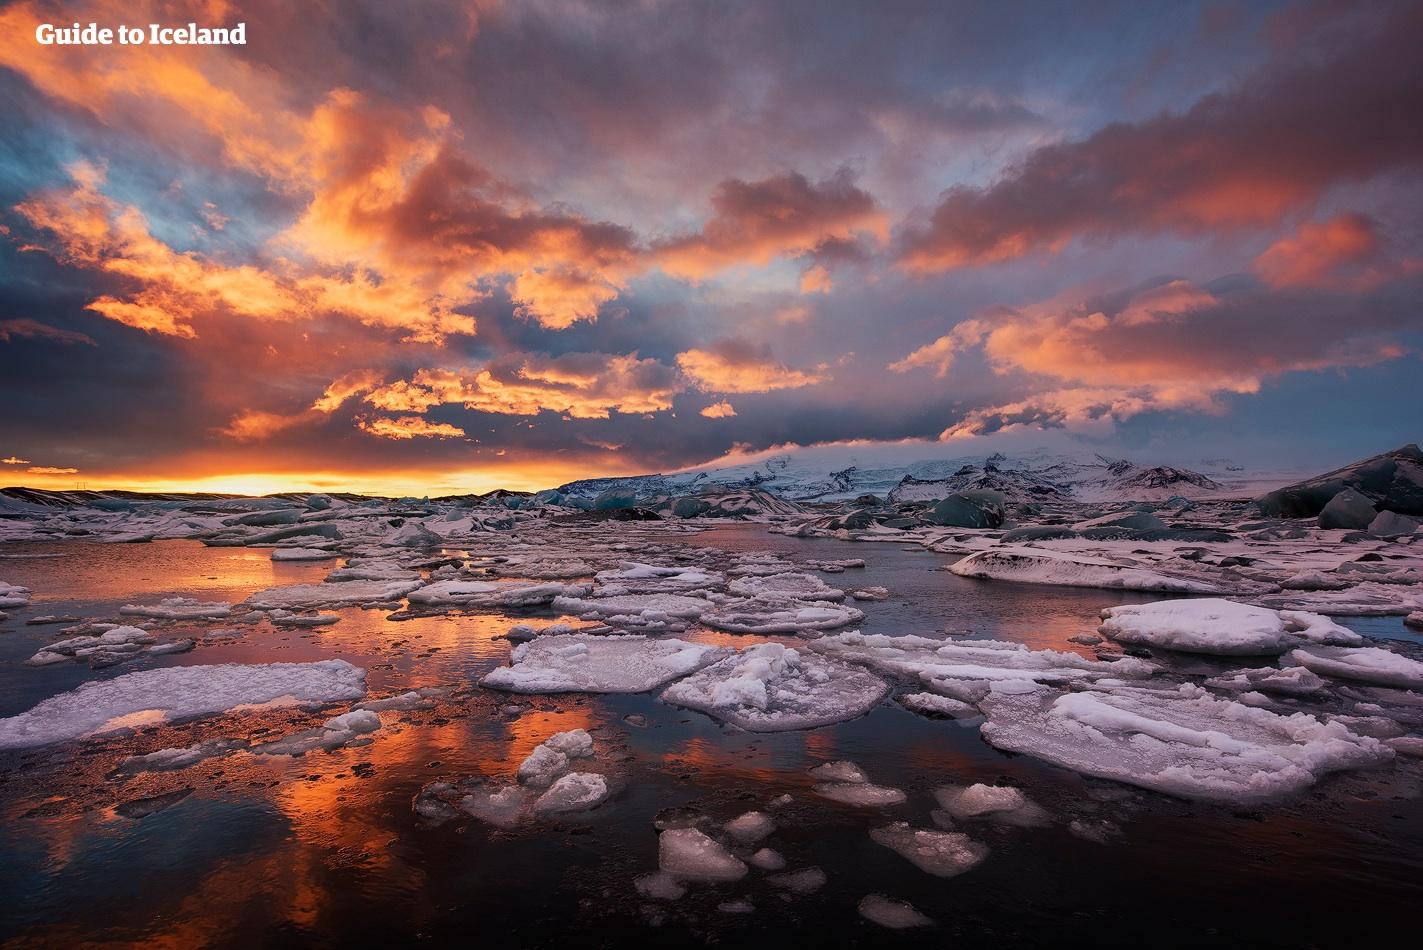 Słońce o północy zapewnia nieskończone możliwości odkrywania wielu atrakcji, jakie można znaleźć w lagunie lodowcowej Jökulsárlón, miejscu na południowym wschodzie Islandii.